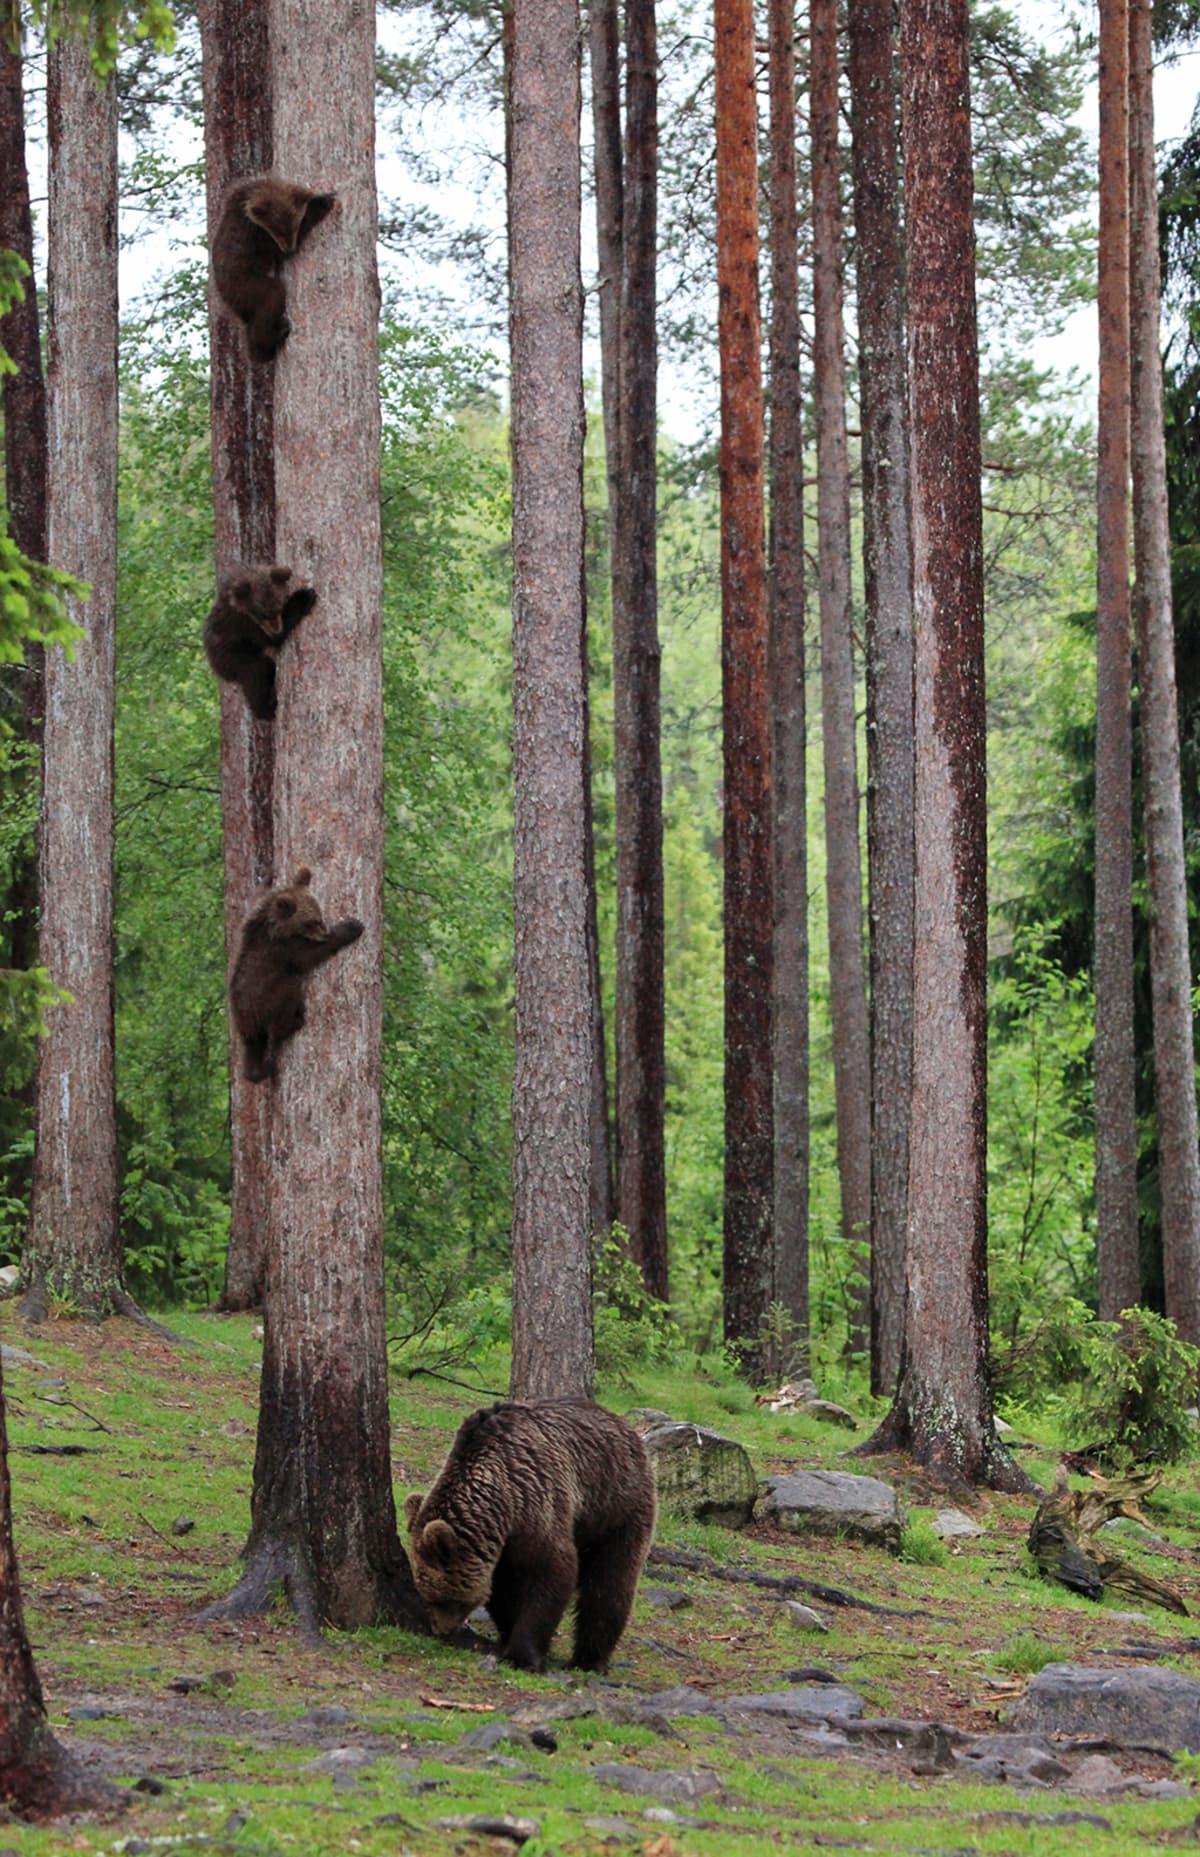 Kolme karhunpoikasta kiipeää männynrungossa